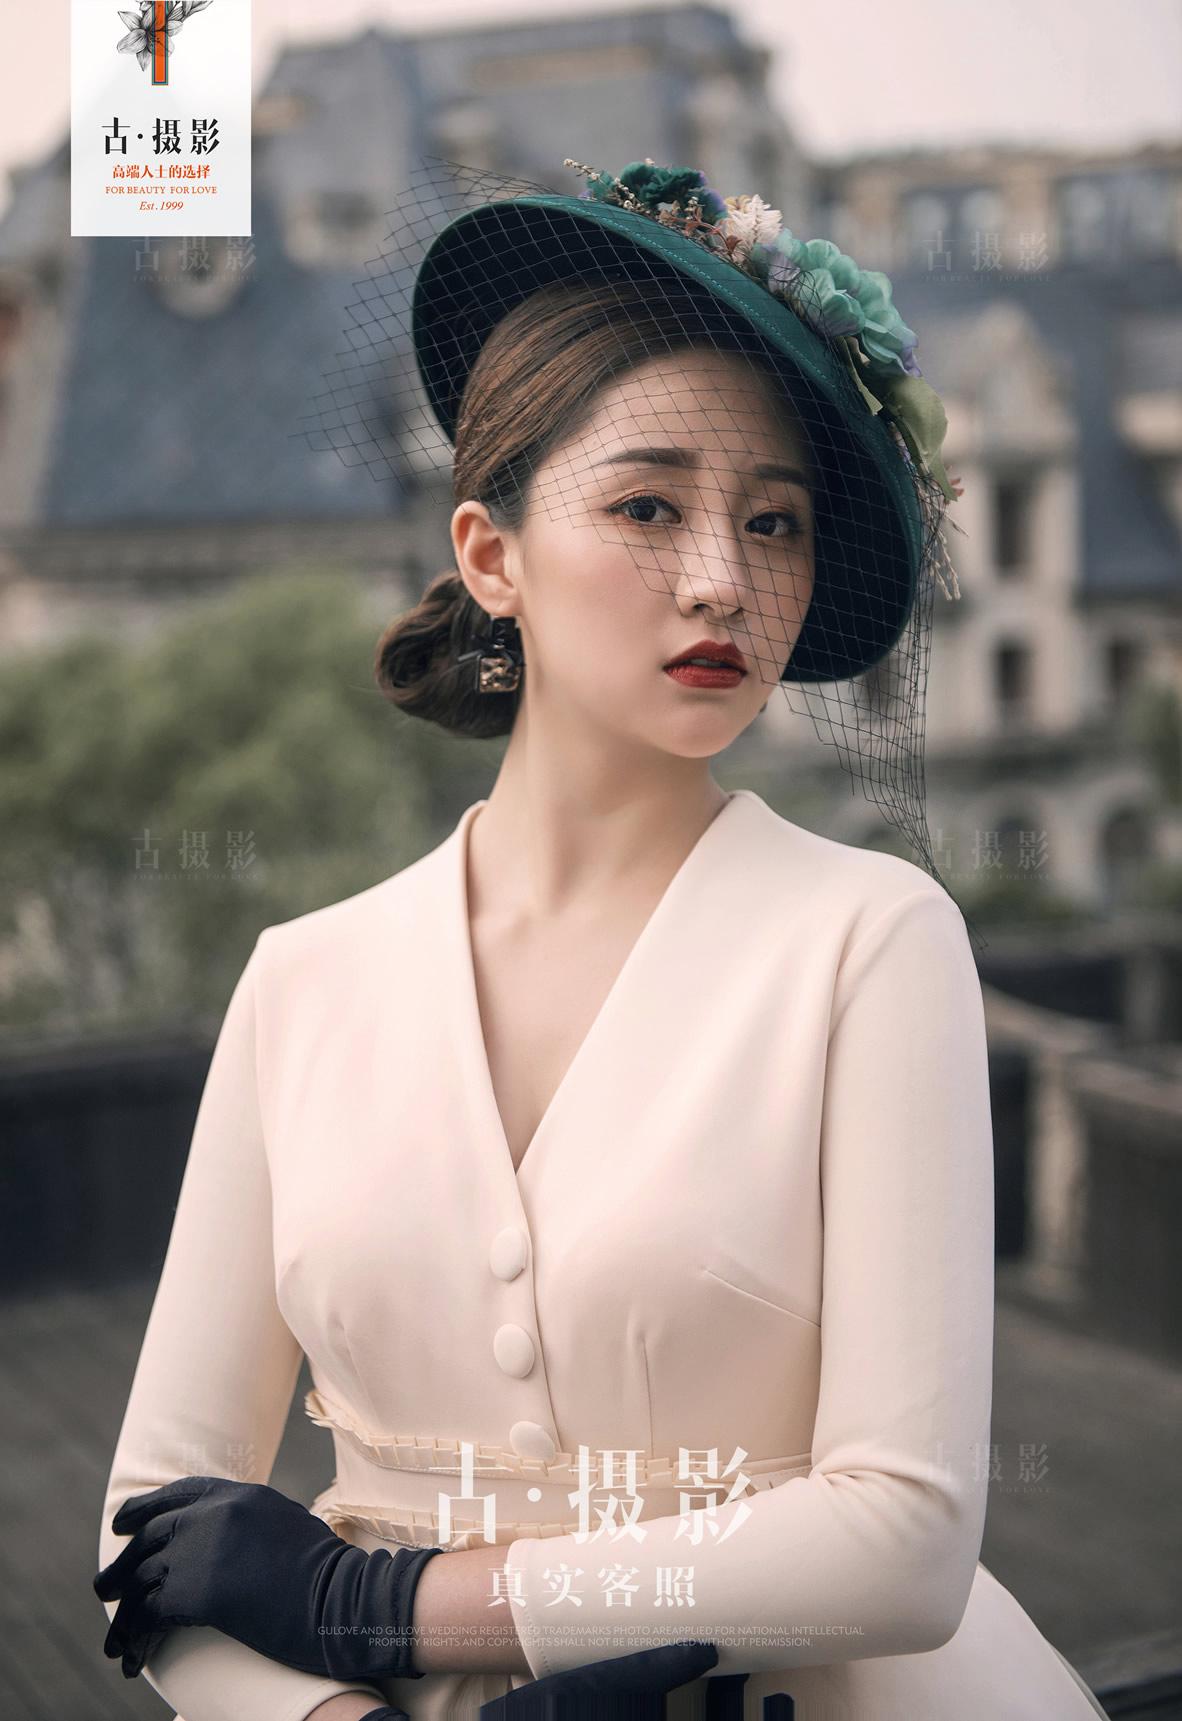 11月5日客片高先生  刘小姐 - 每日客照 - 广州婚纱摄影-广州古摄影官网